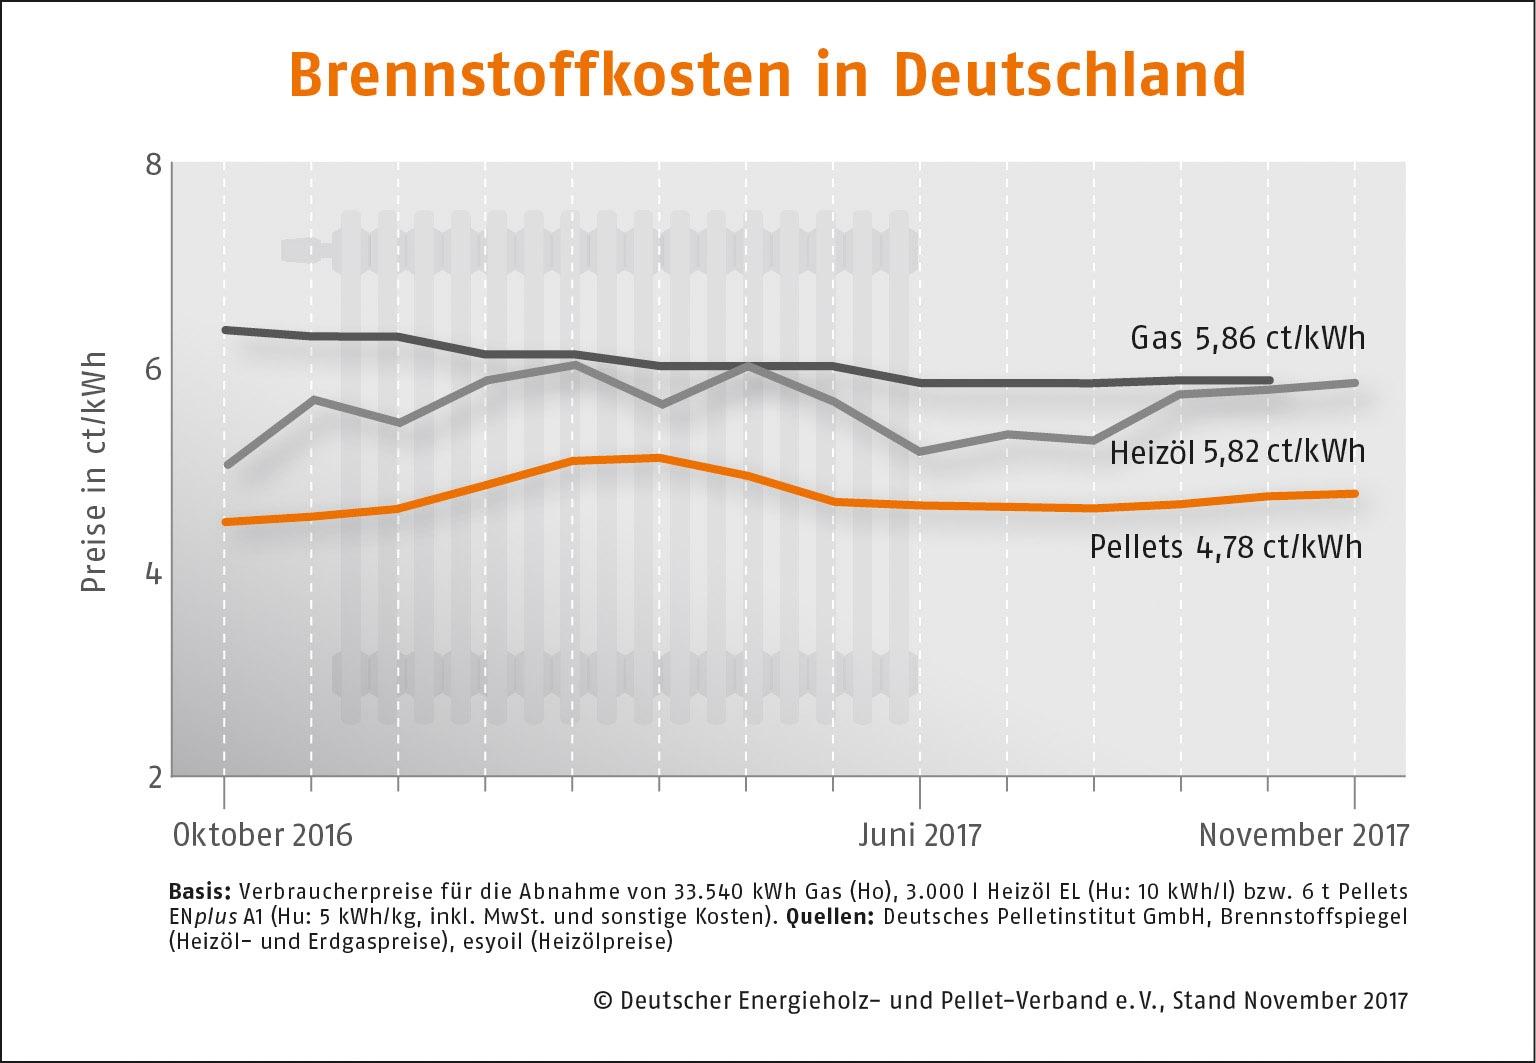 brennstoffkosten-deutschland.jpg